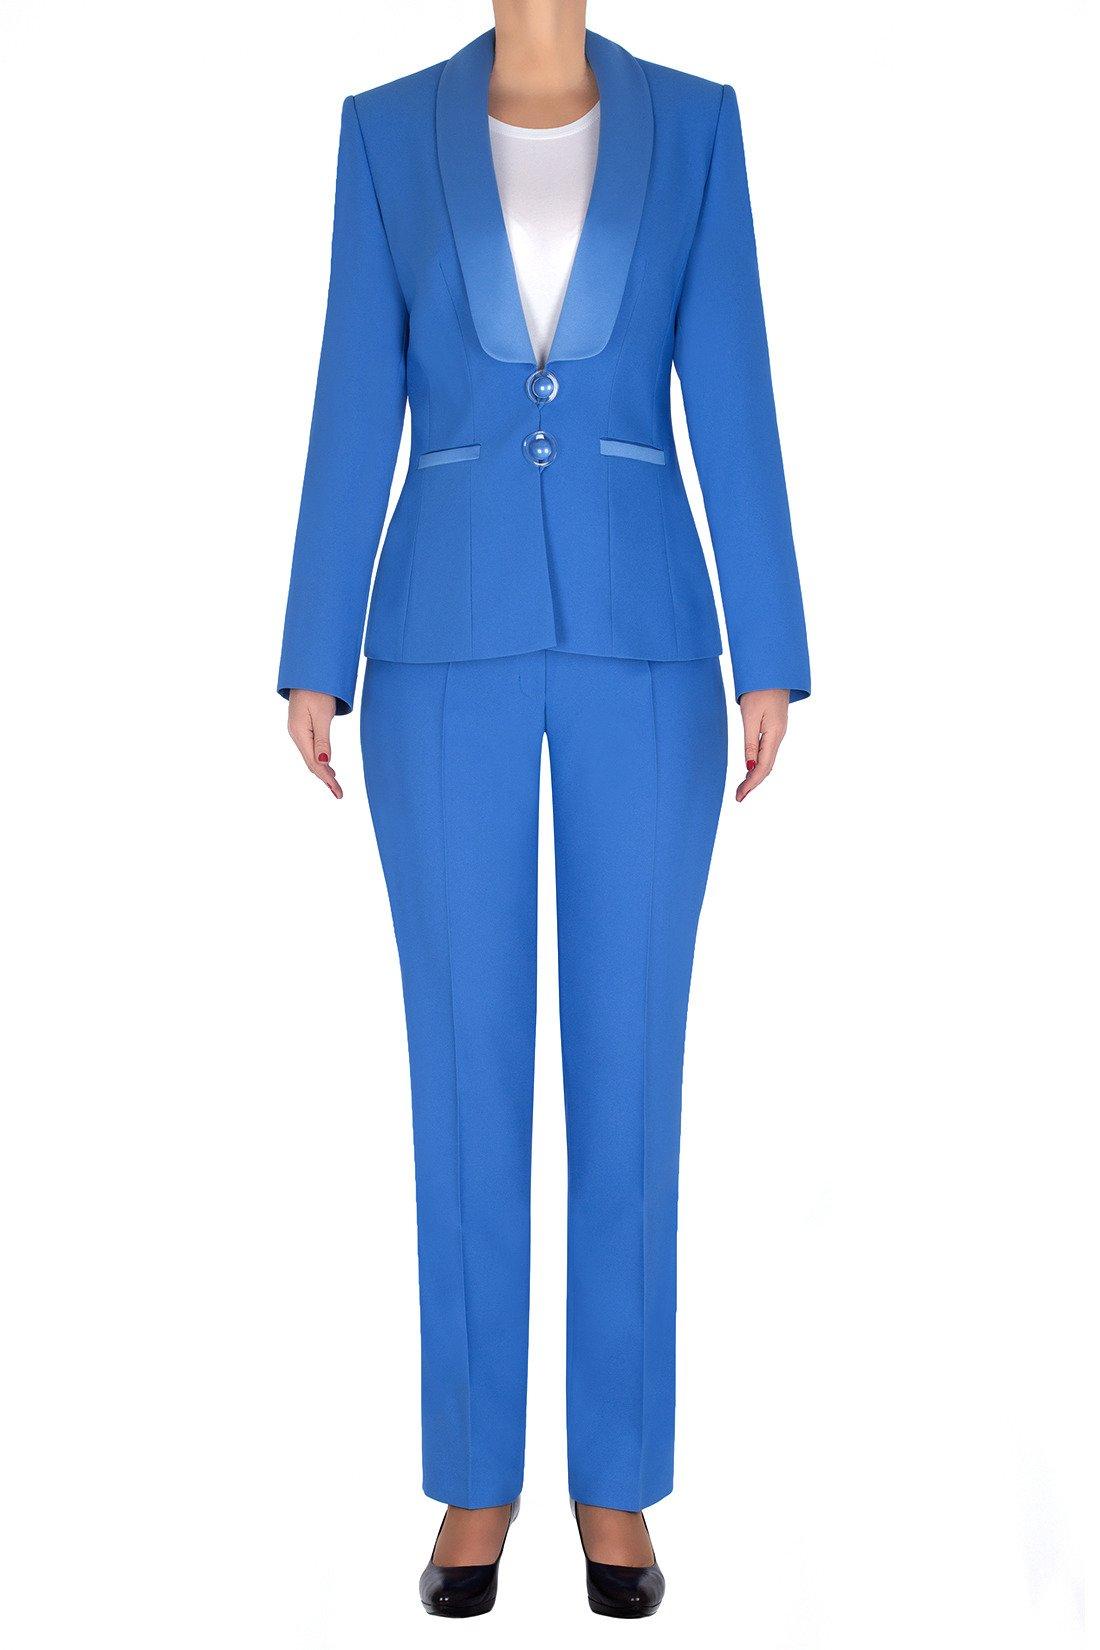 23fd5a79e2869 Elegancki garnitur damski niebieski żakiet i spodnie 3197 Kliknij, aby  powiększyć ...